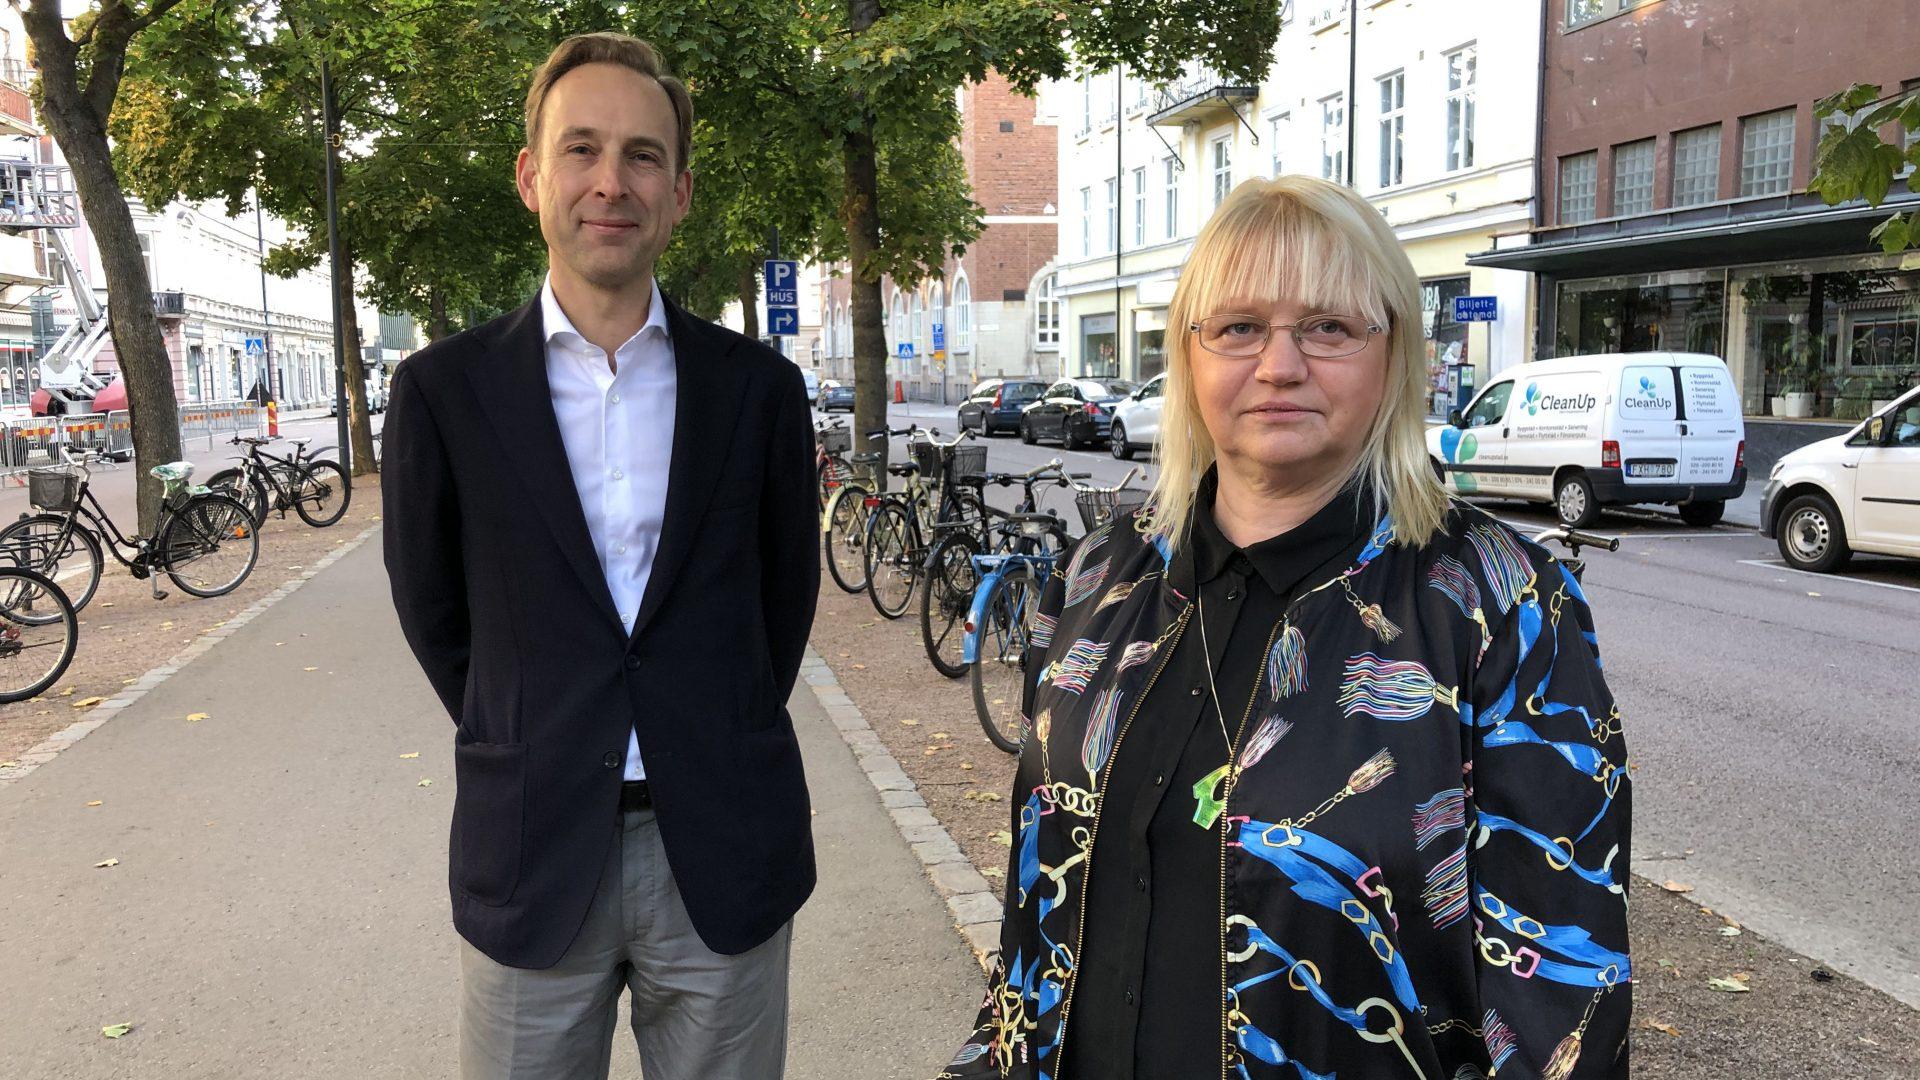 Mattias Durnik, Näringslivsdirkektör står utomhus tillsammans med med Helene Åkerlind, vice ordförande kommunstyrelsen